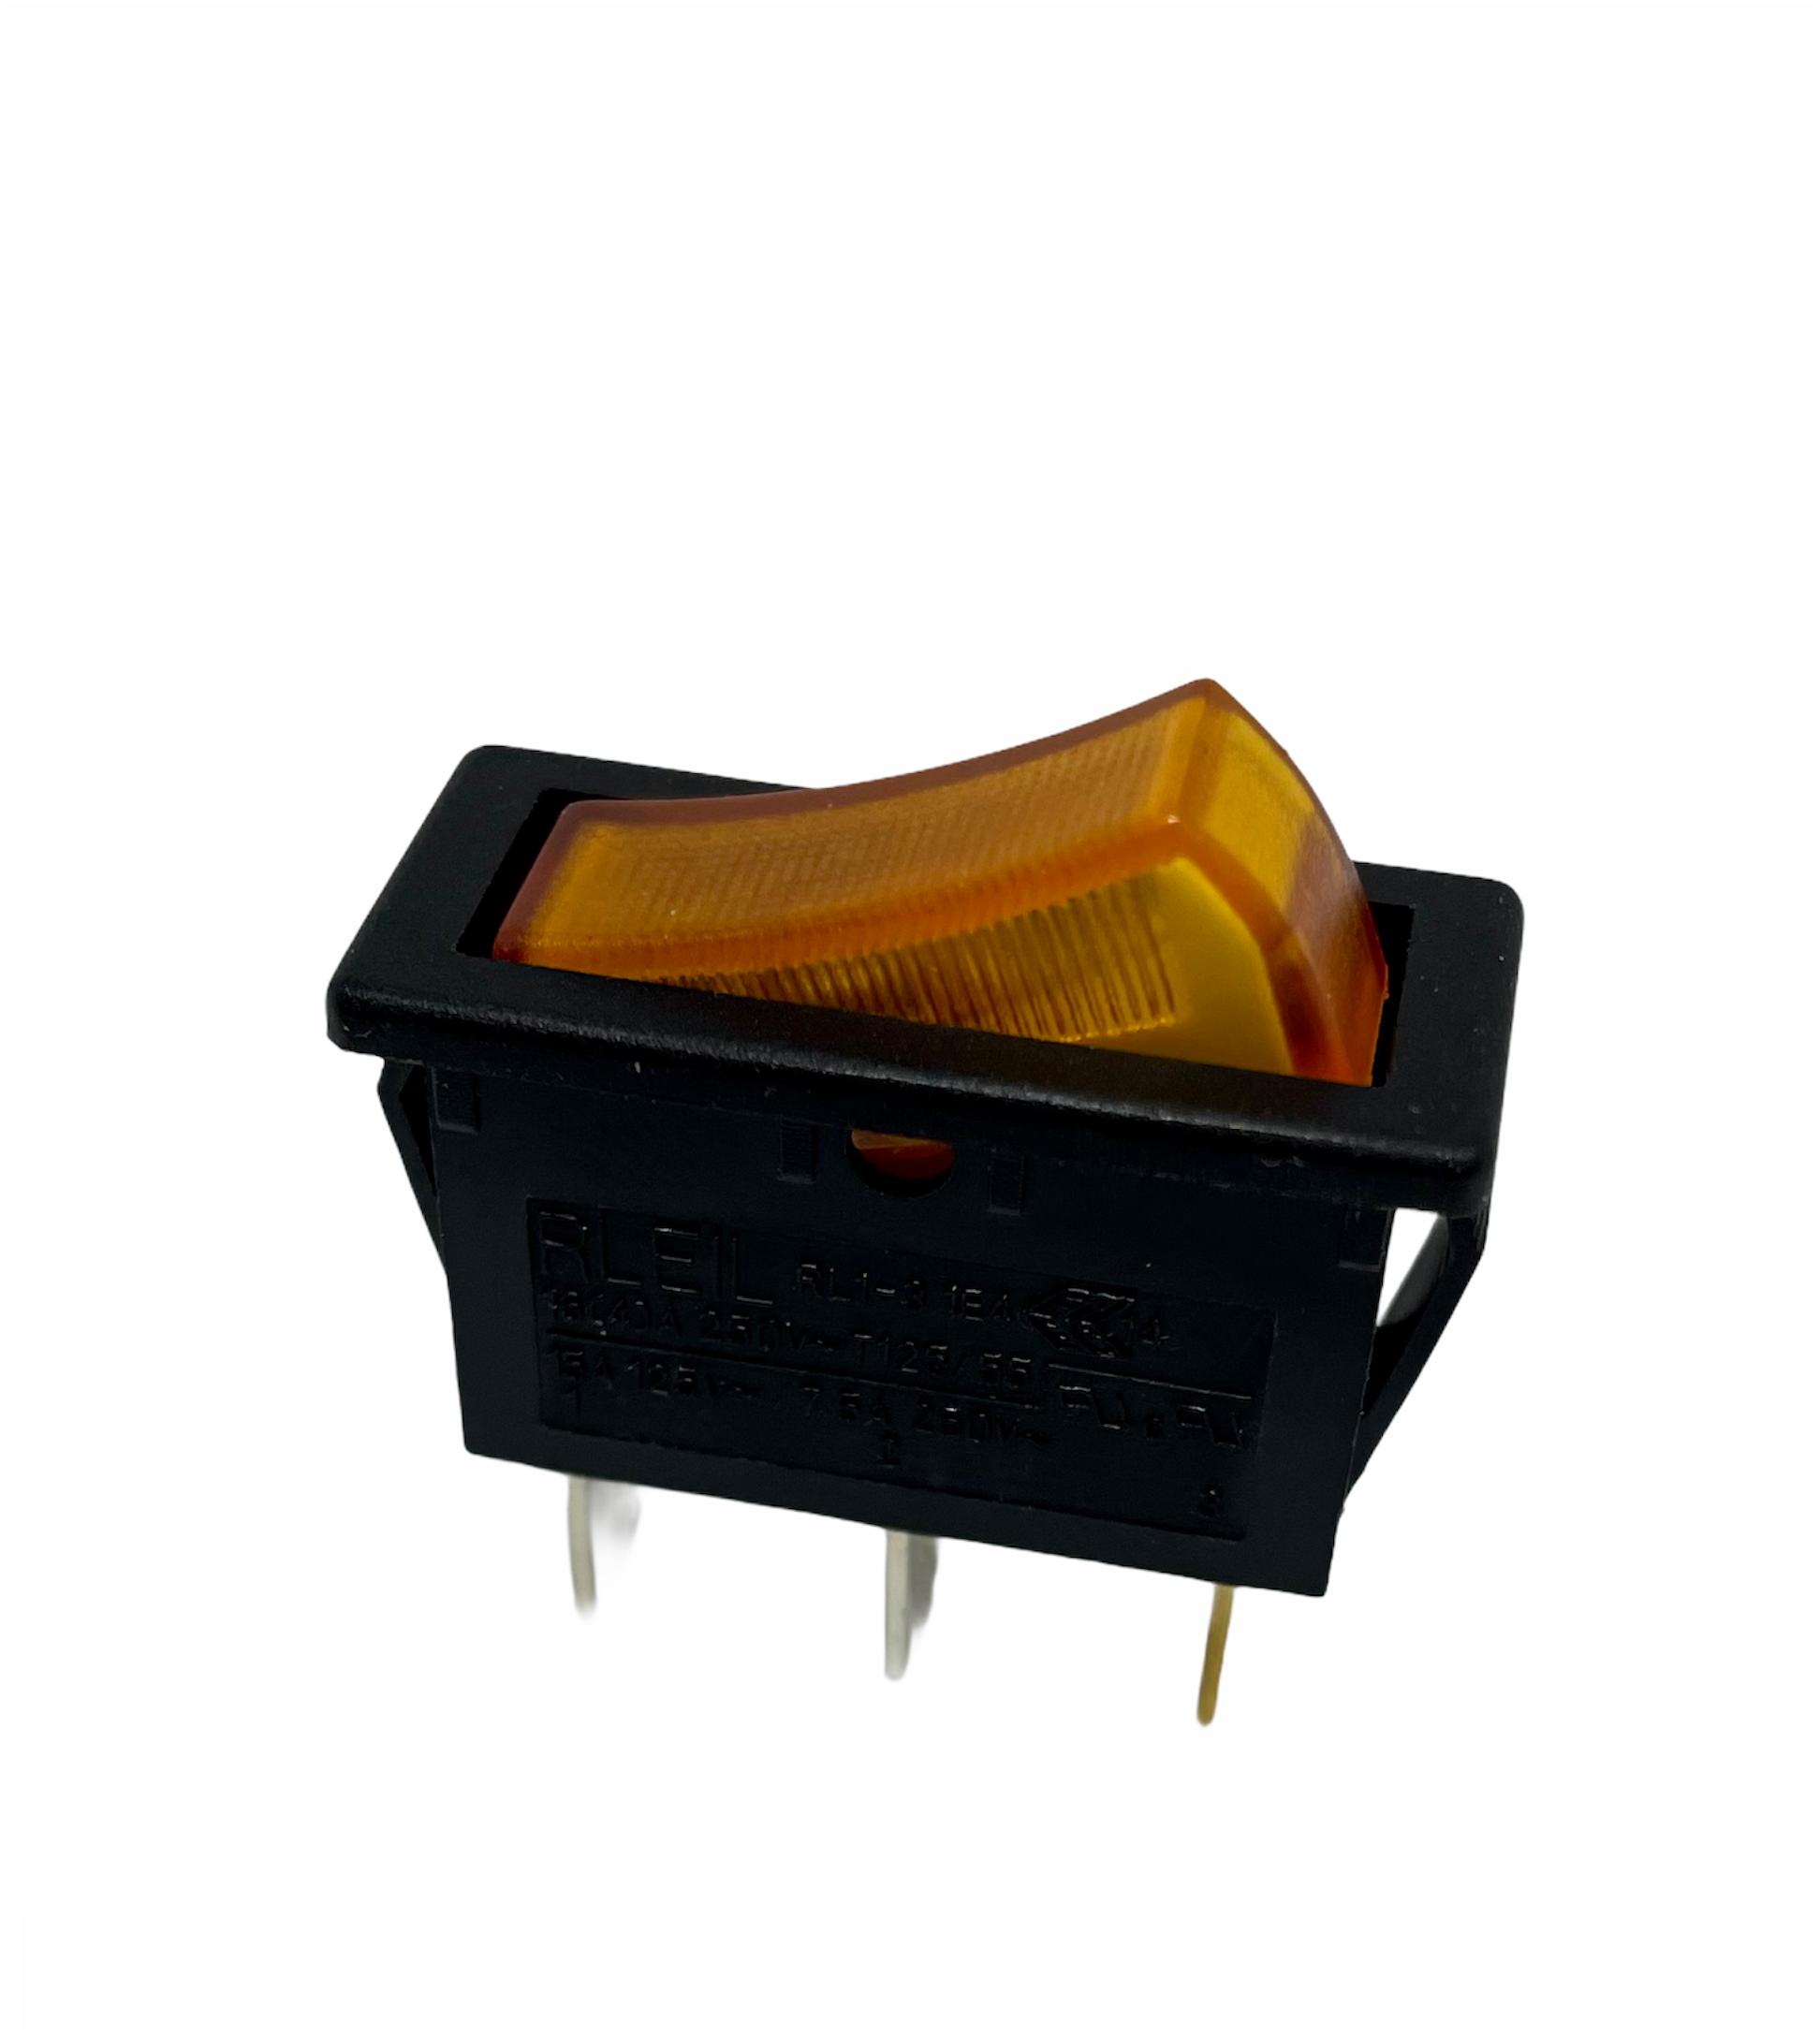 Interrupteur rectangulaire à bascule lumineuse orange unipolaire